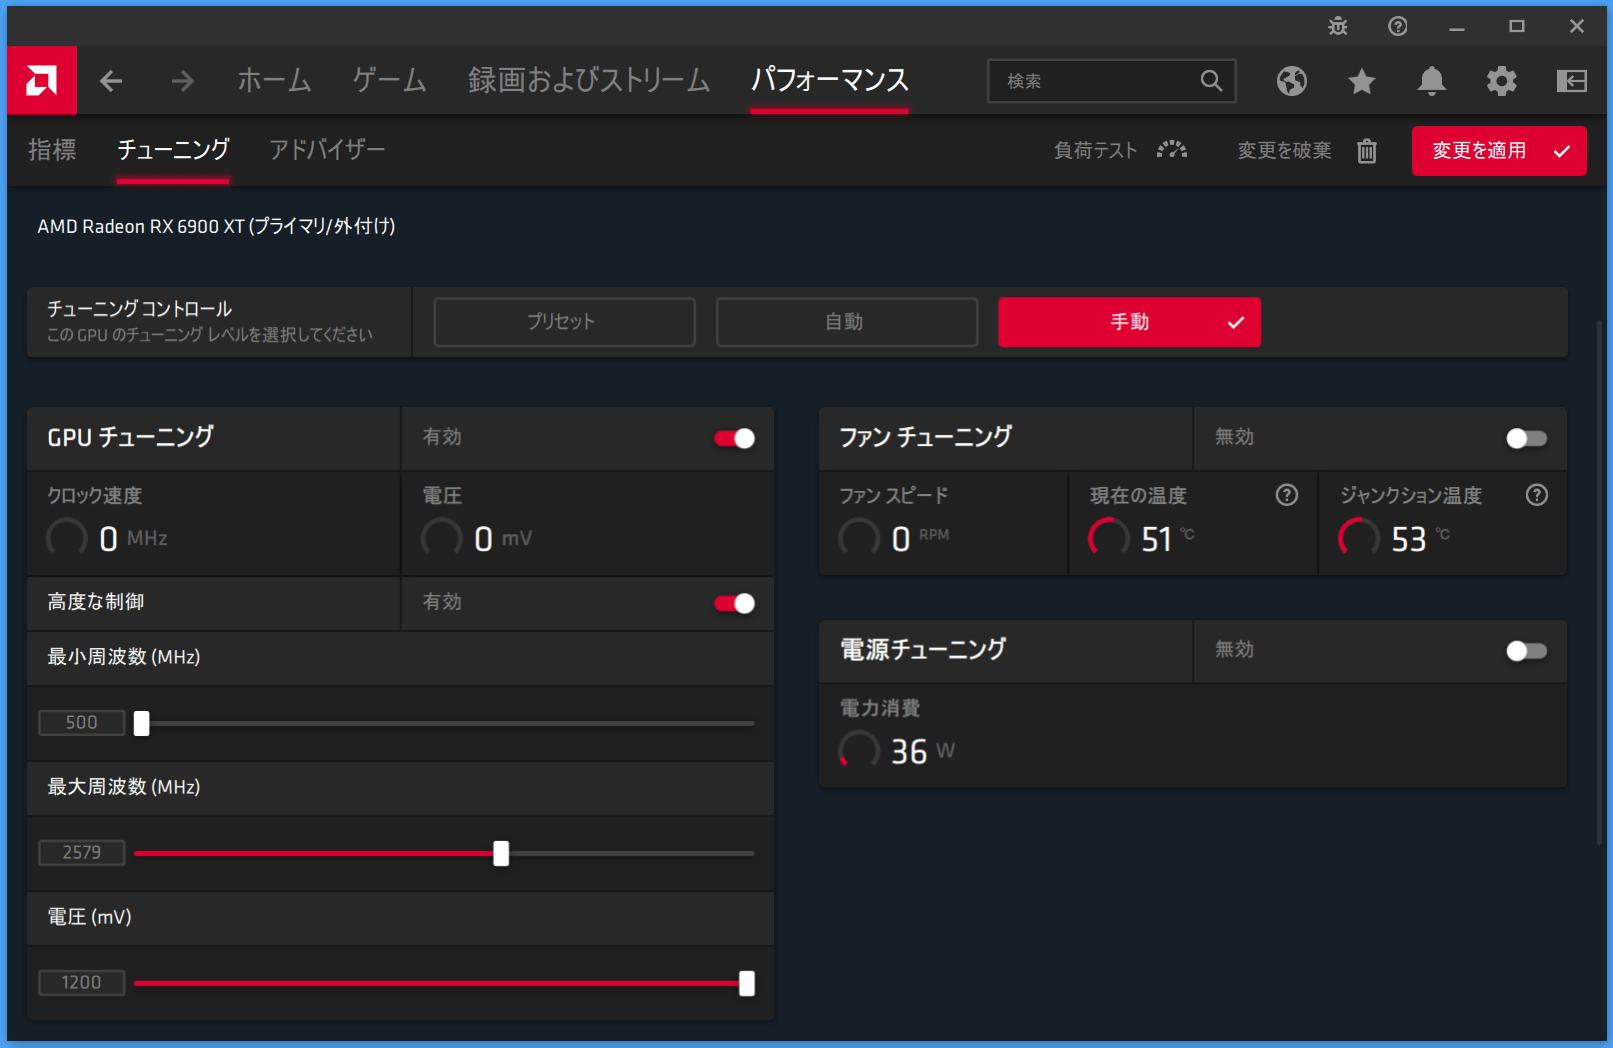 Radeon RX 6900 XT_Radeon-Setting_4_GPU-Clock